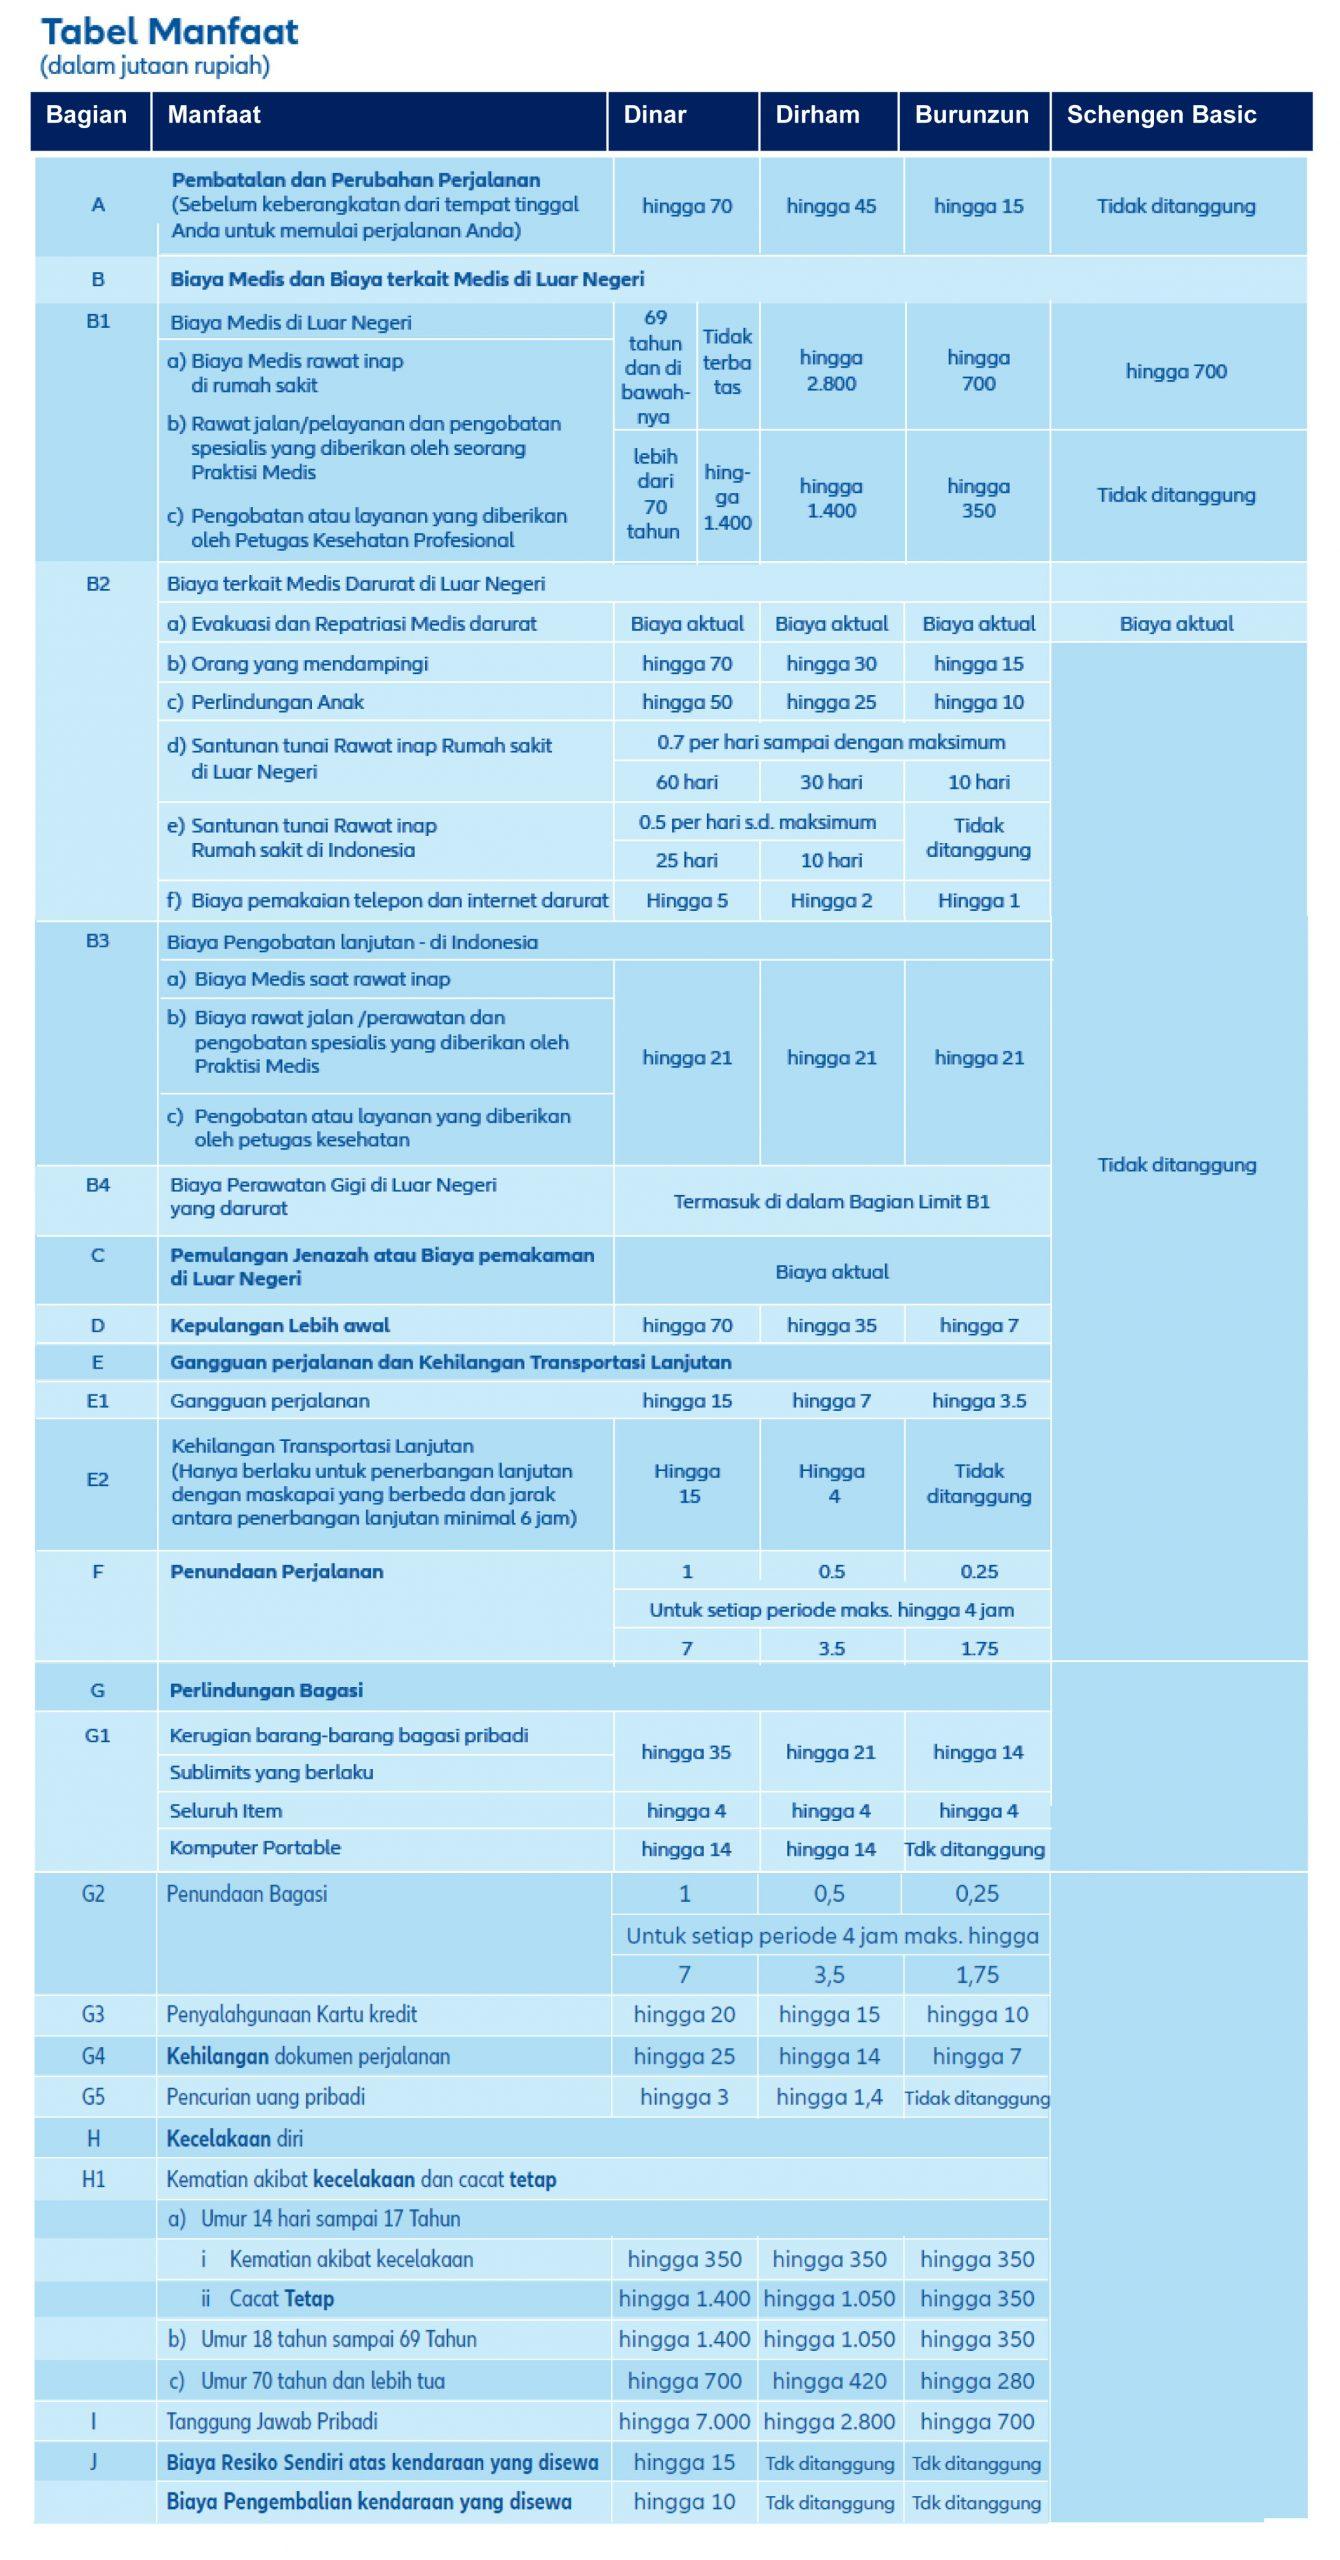 tabel manfaat asuransi perjalanan syariah allianz